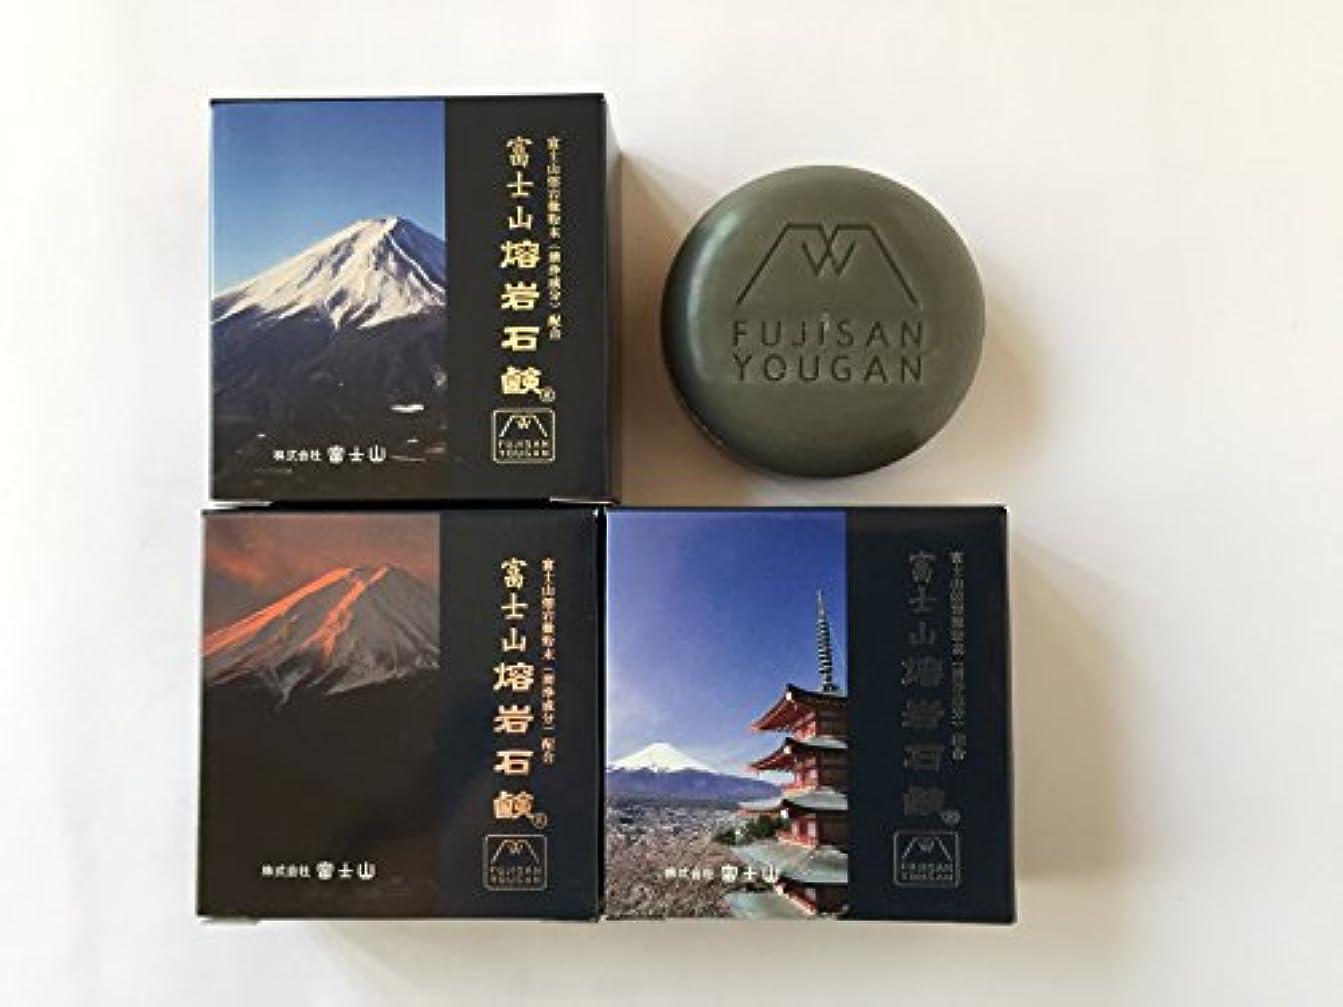 話合理的コールド富士山溶岩石鹸(富士山写真化粧箱入り)お得用50g/個3種セット×2組(6個)